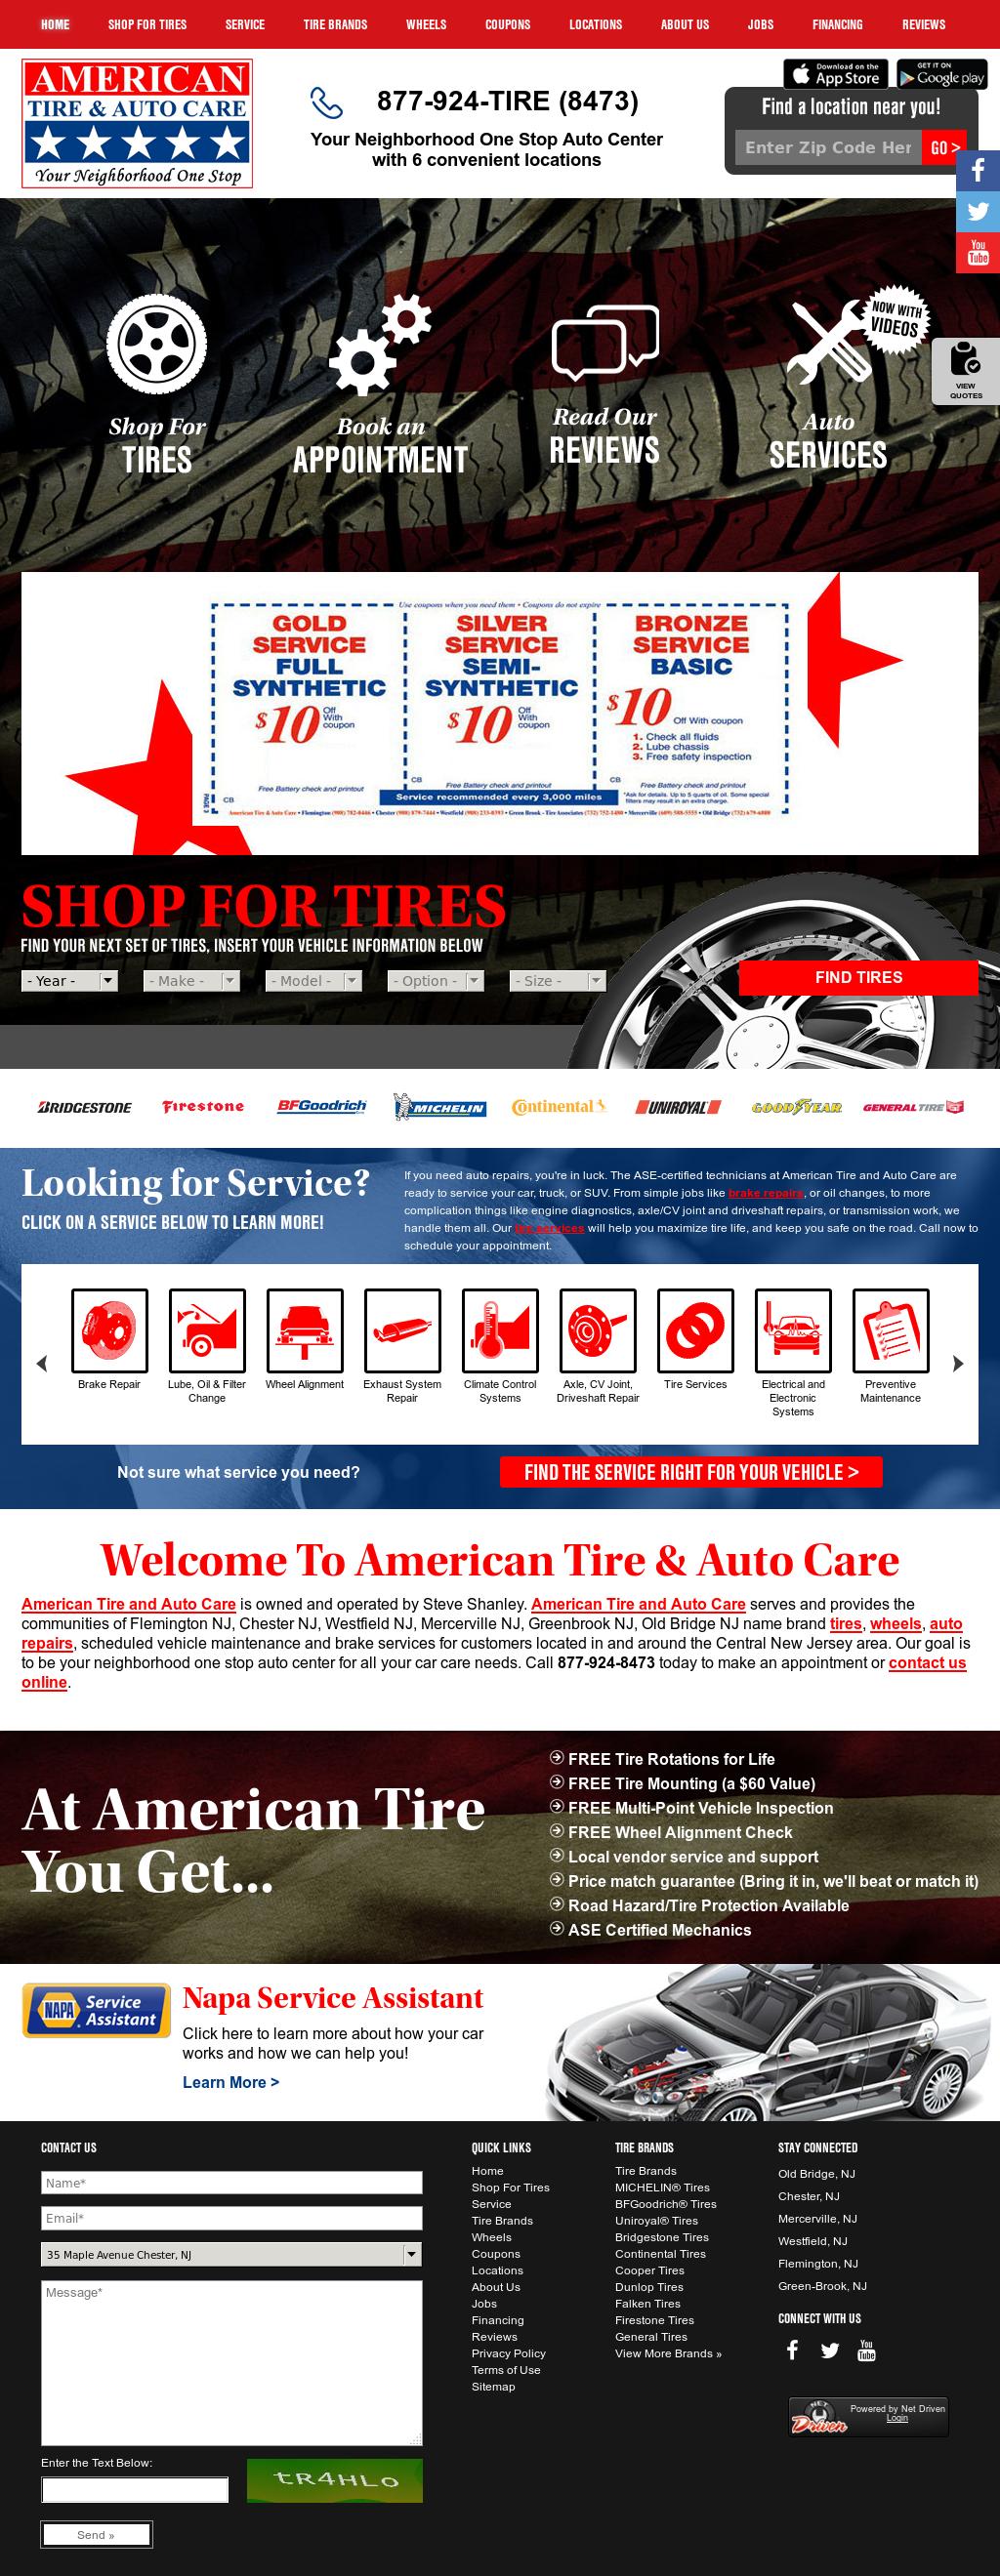 American Tire And Auto >> American Tire And Auto Care Competitors Revenue And